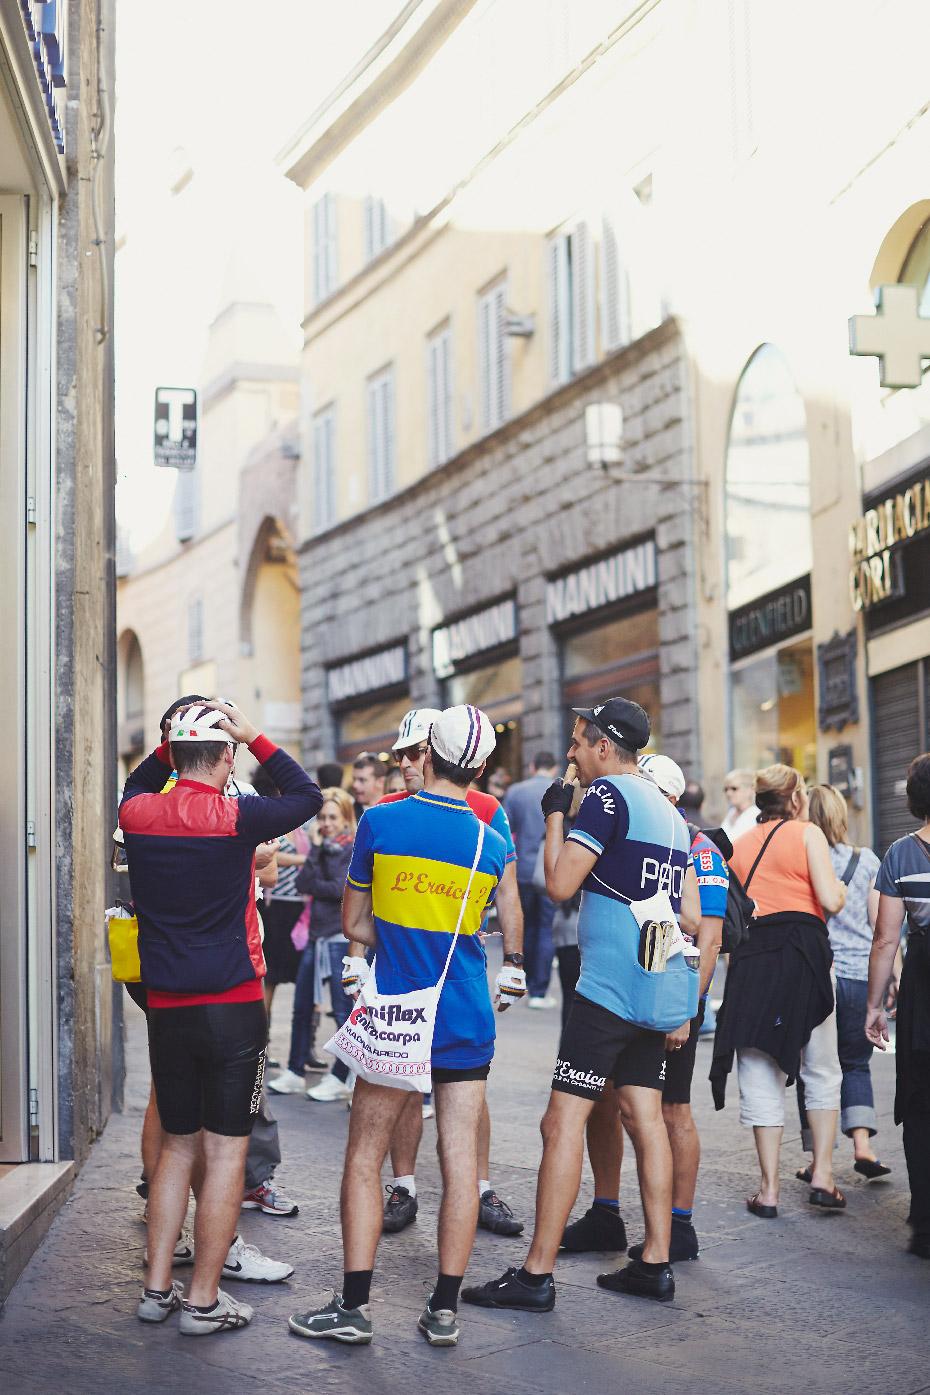 0011_0040_M_2012_Italia_092f_CM_WEB.jpg